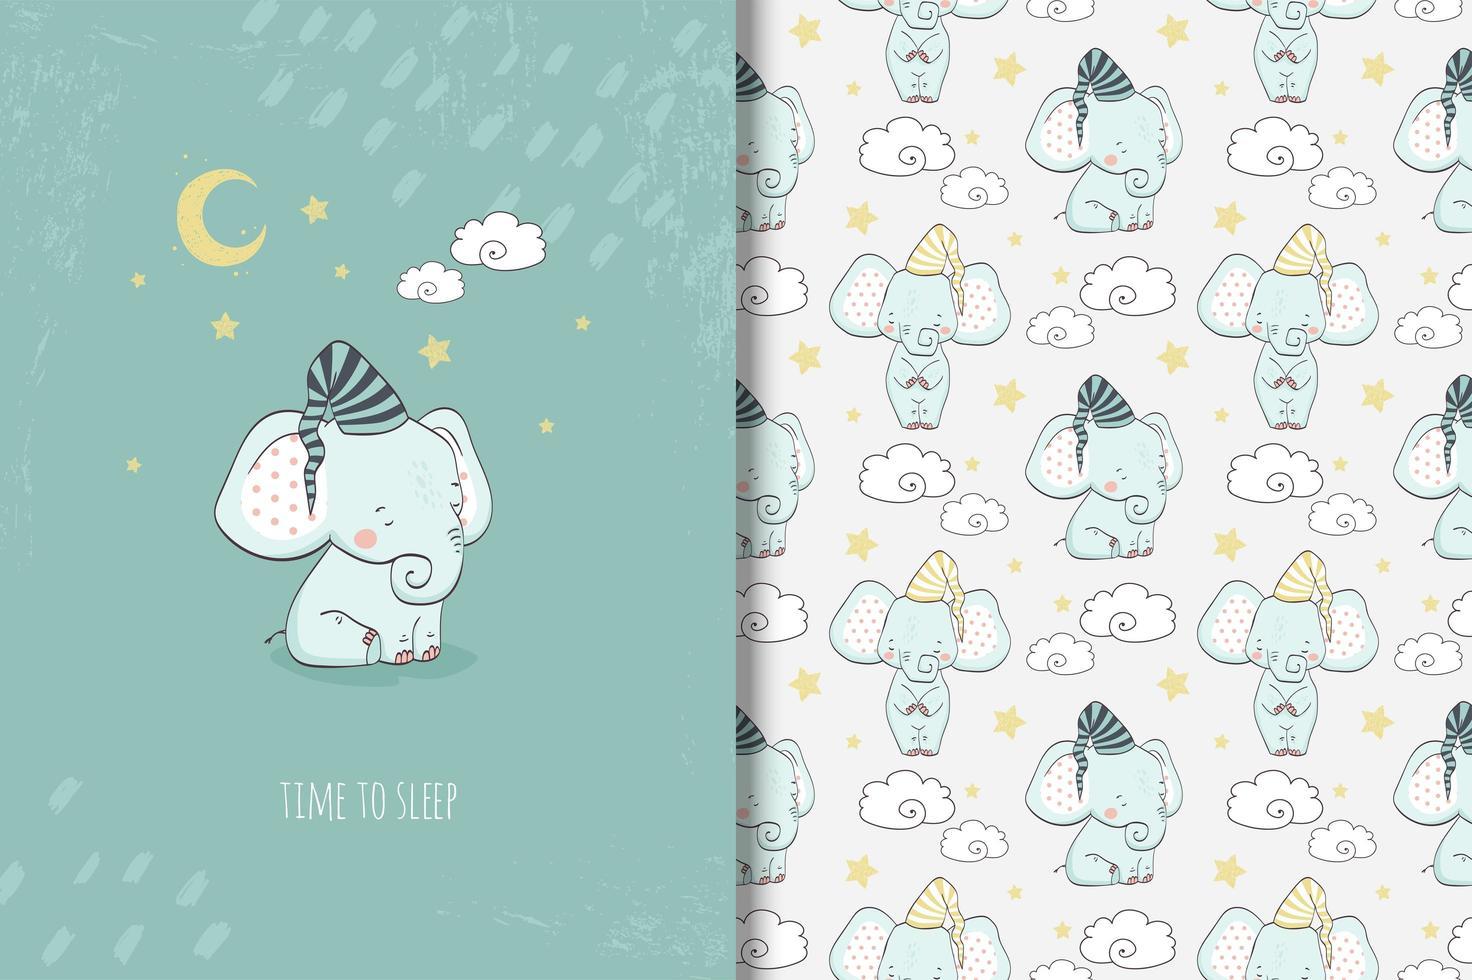 bebê elefante hora de dormir desenho e padrão vetor